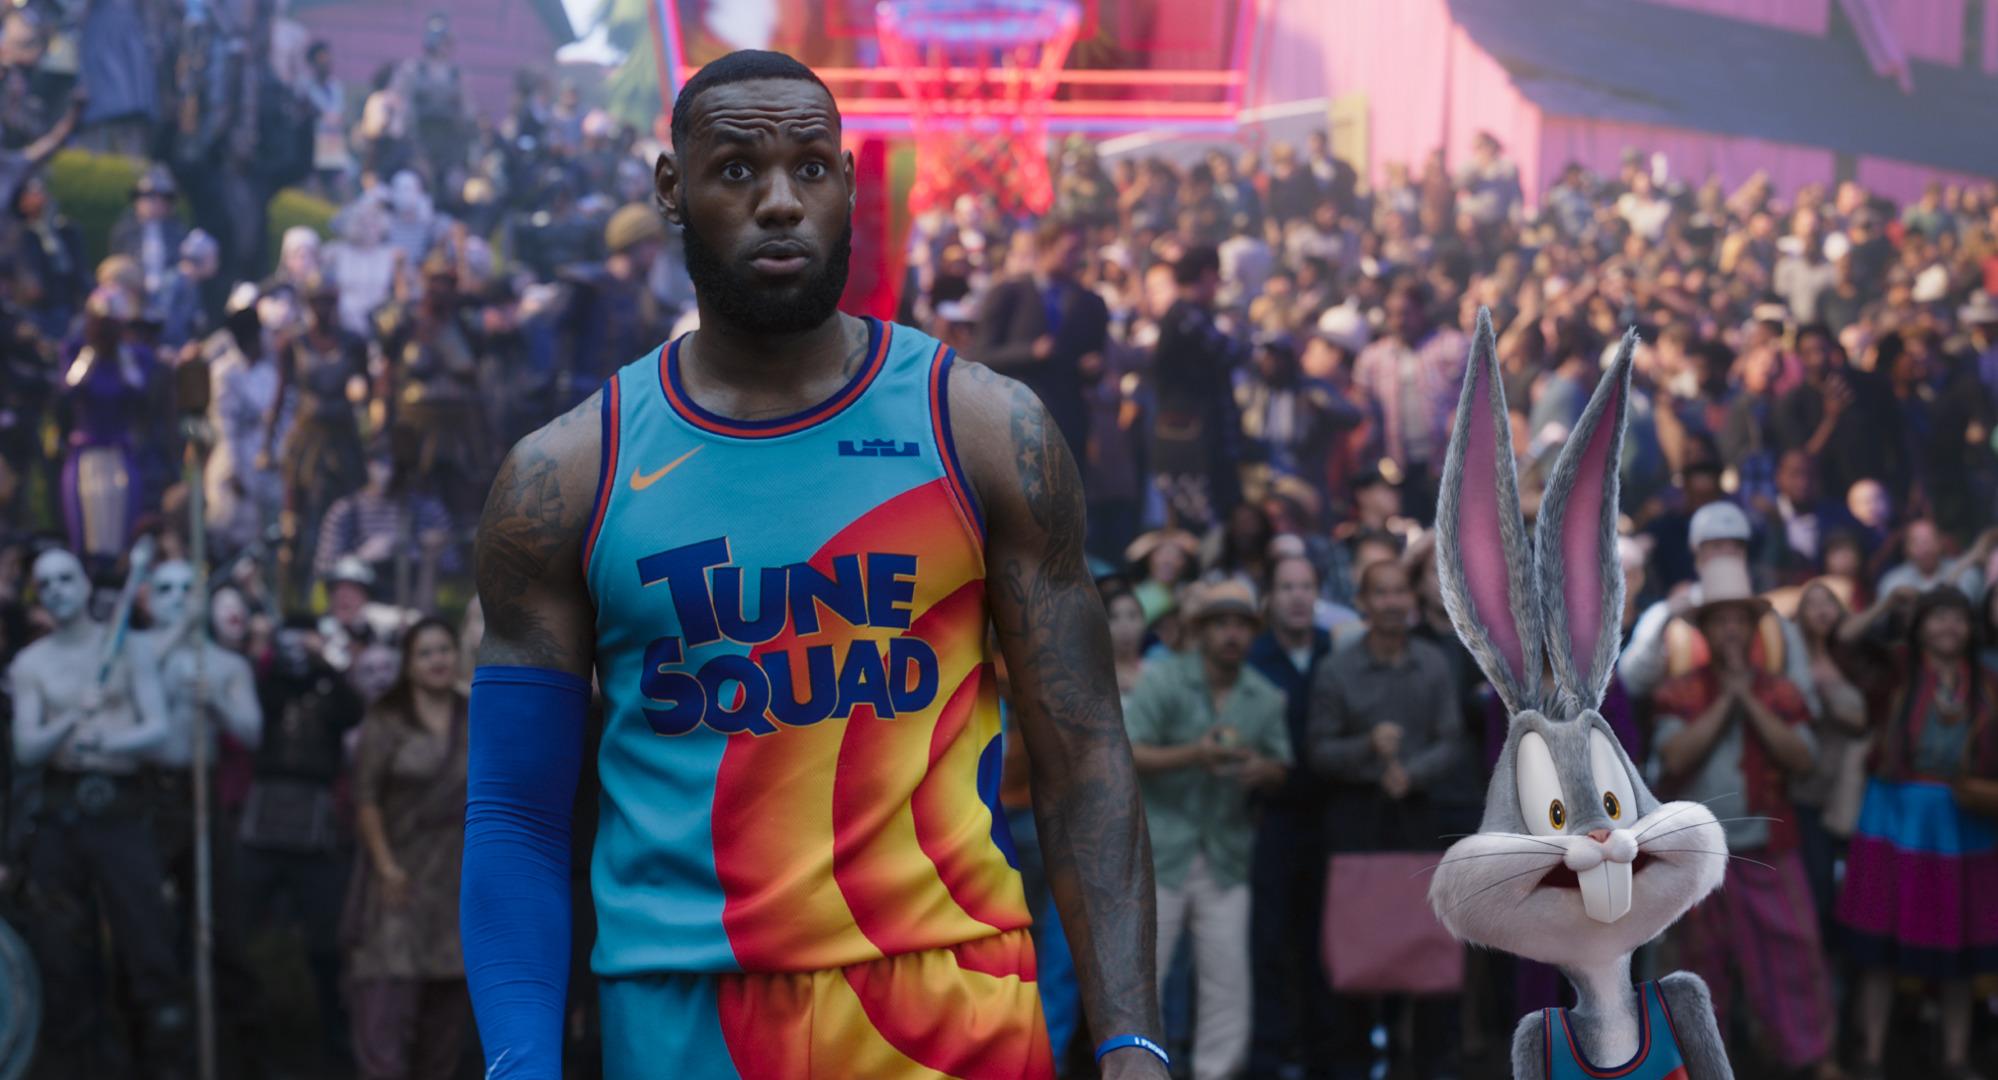 LeBron James and Bugs Bunny